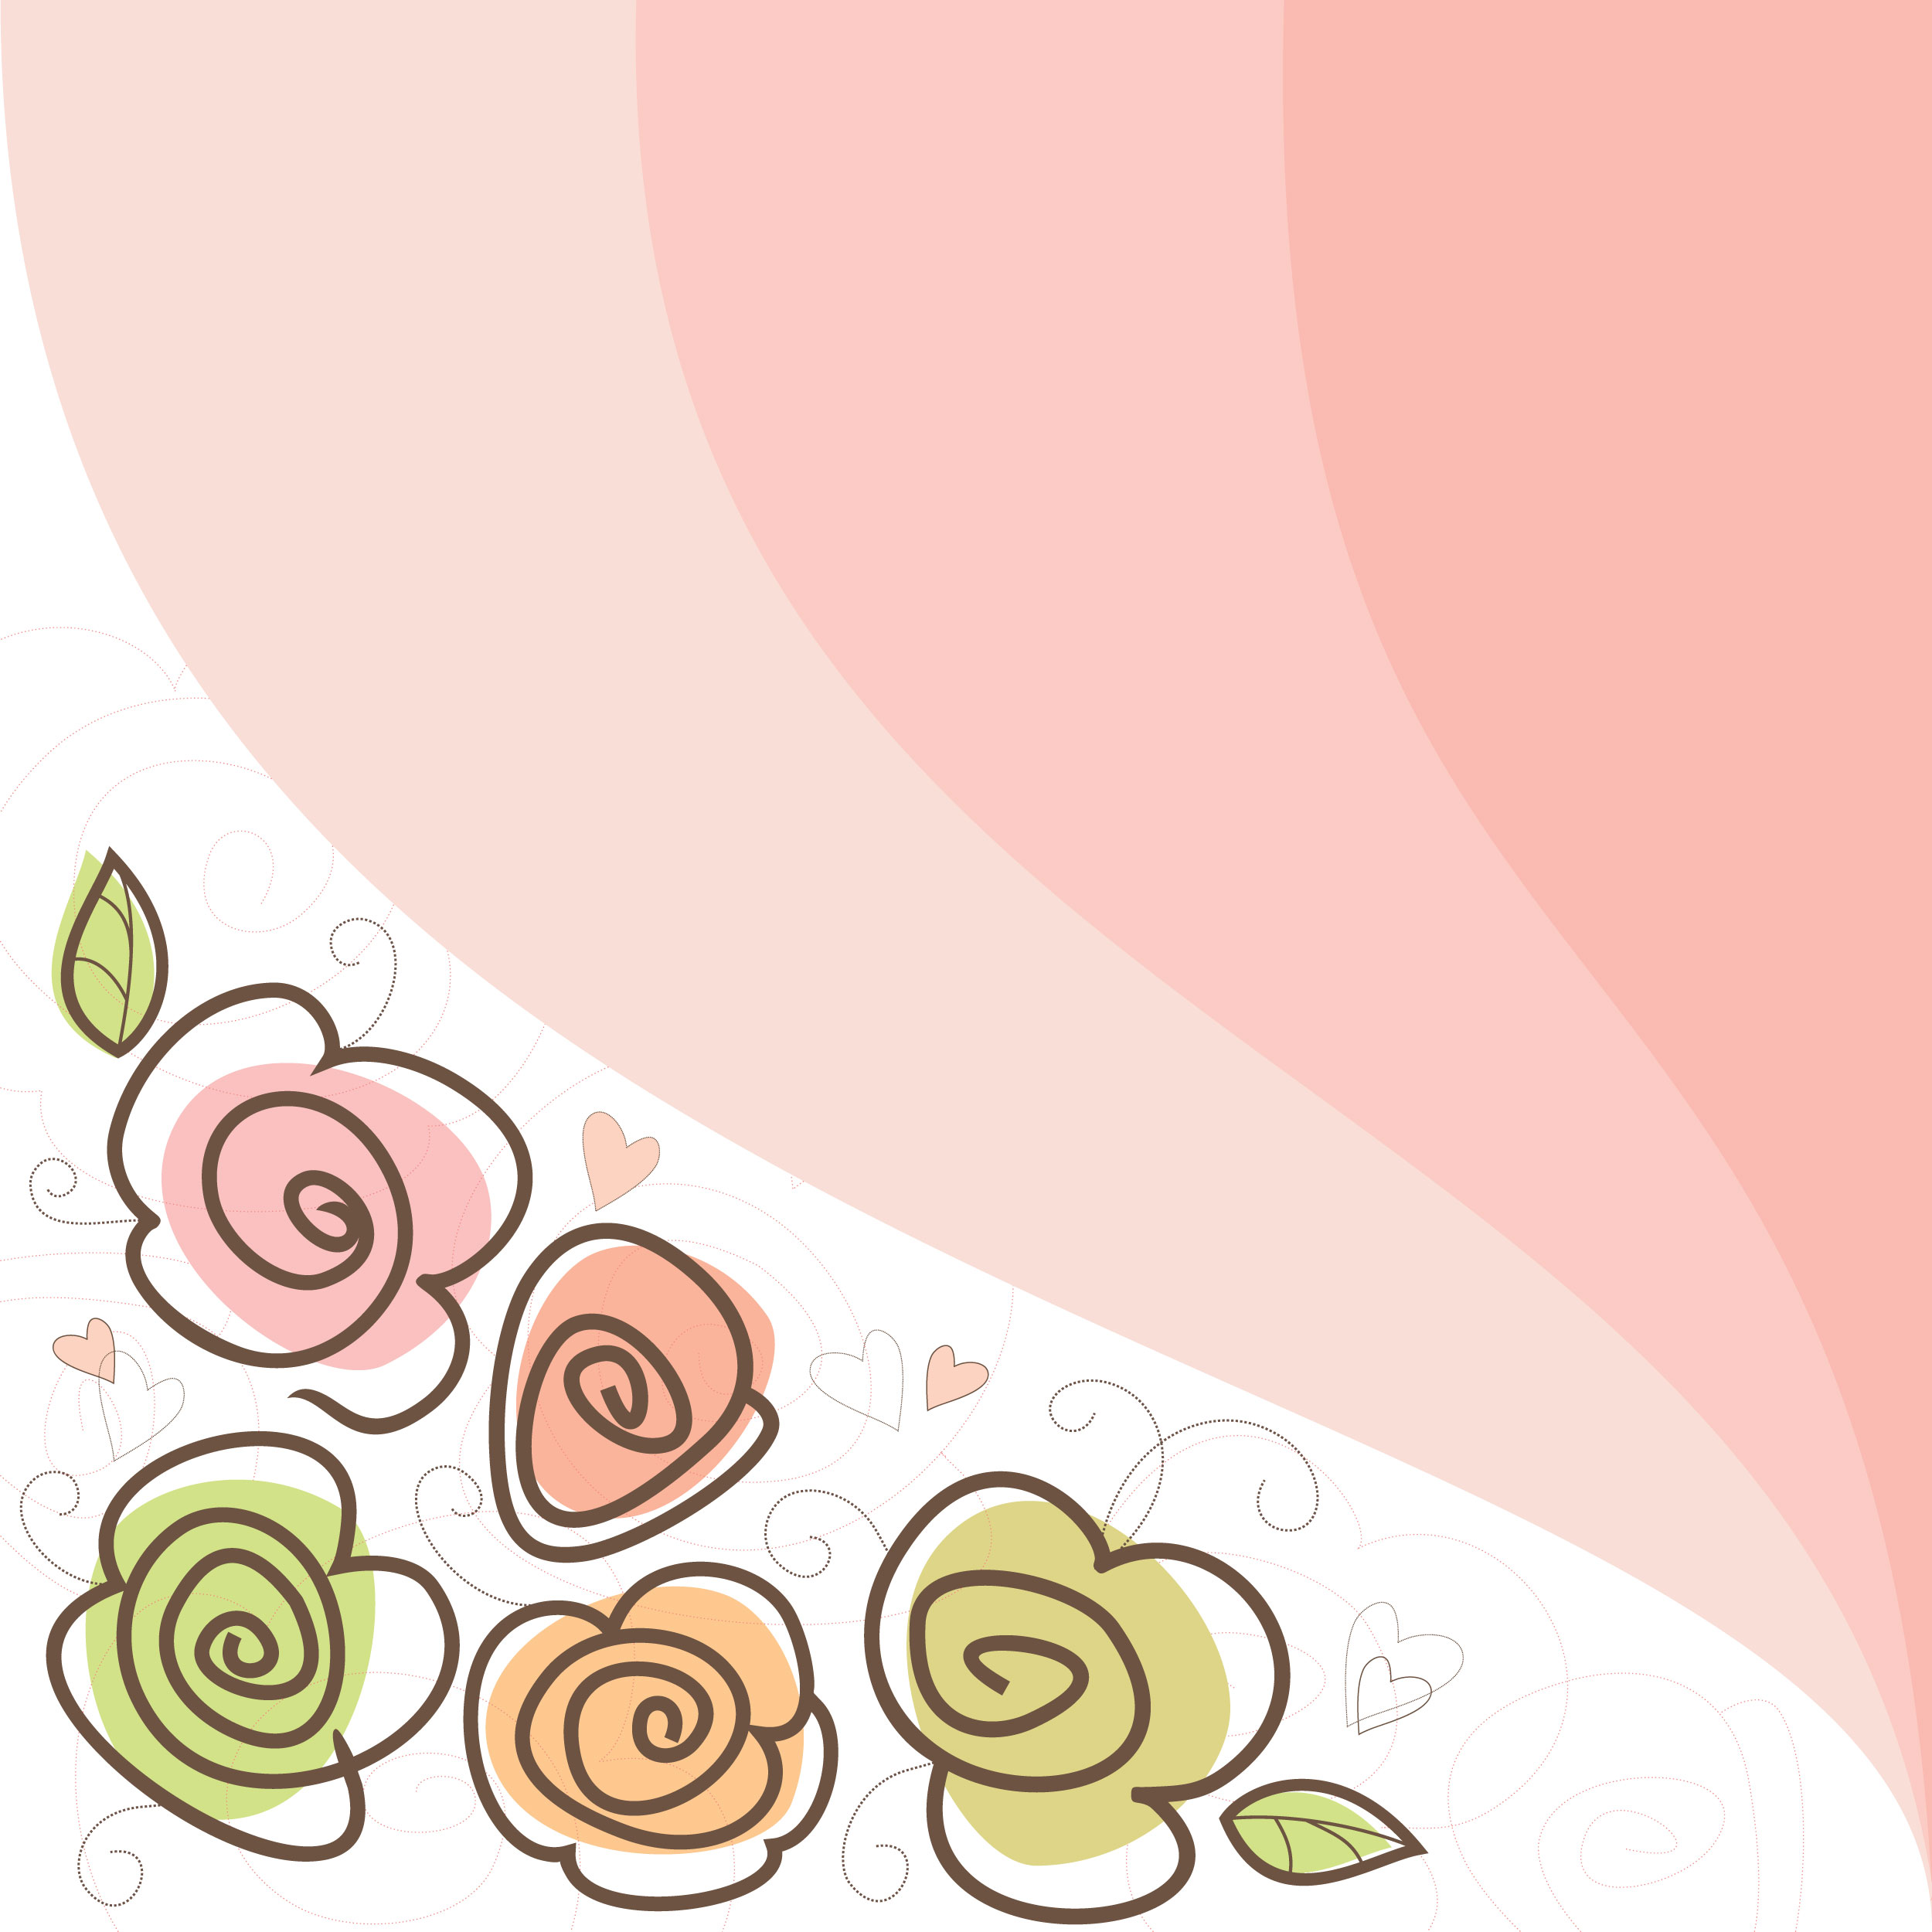 花のイラスト フリー素材 壁紙 背景no 128 手書き風 ポップ 暖色